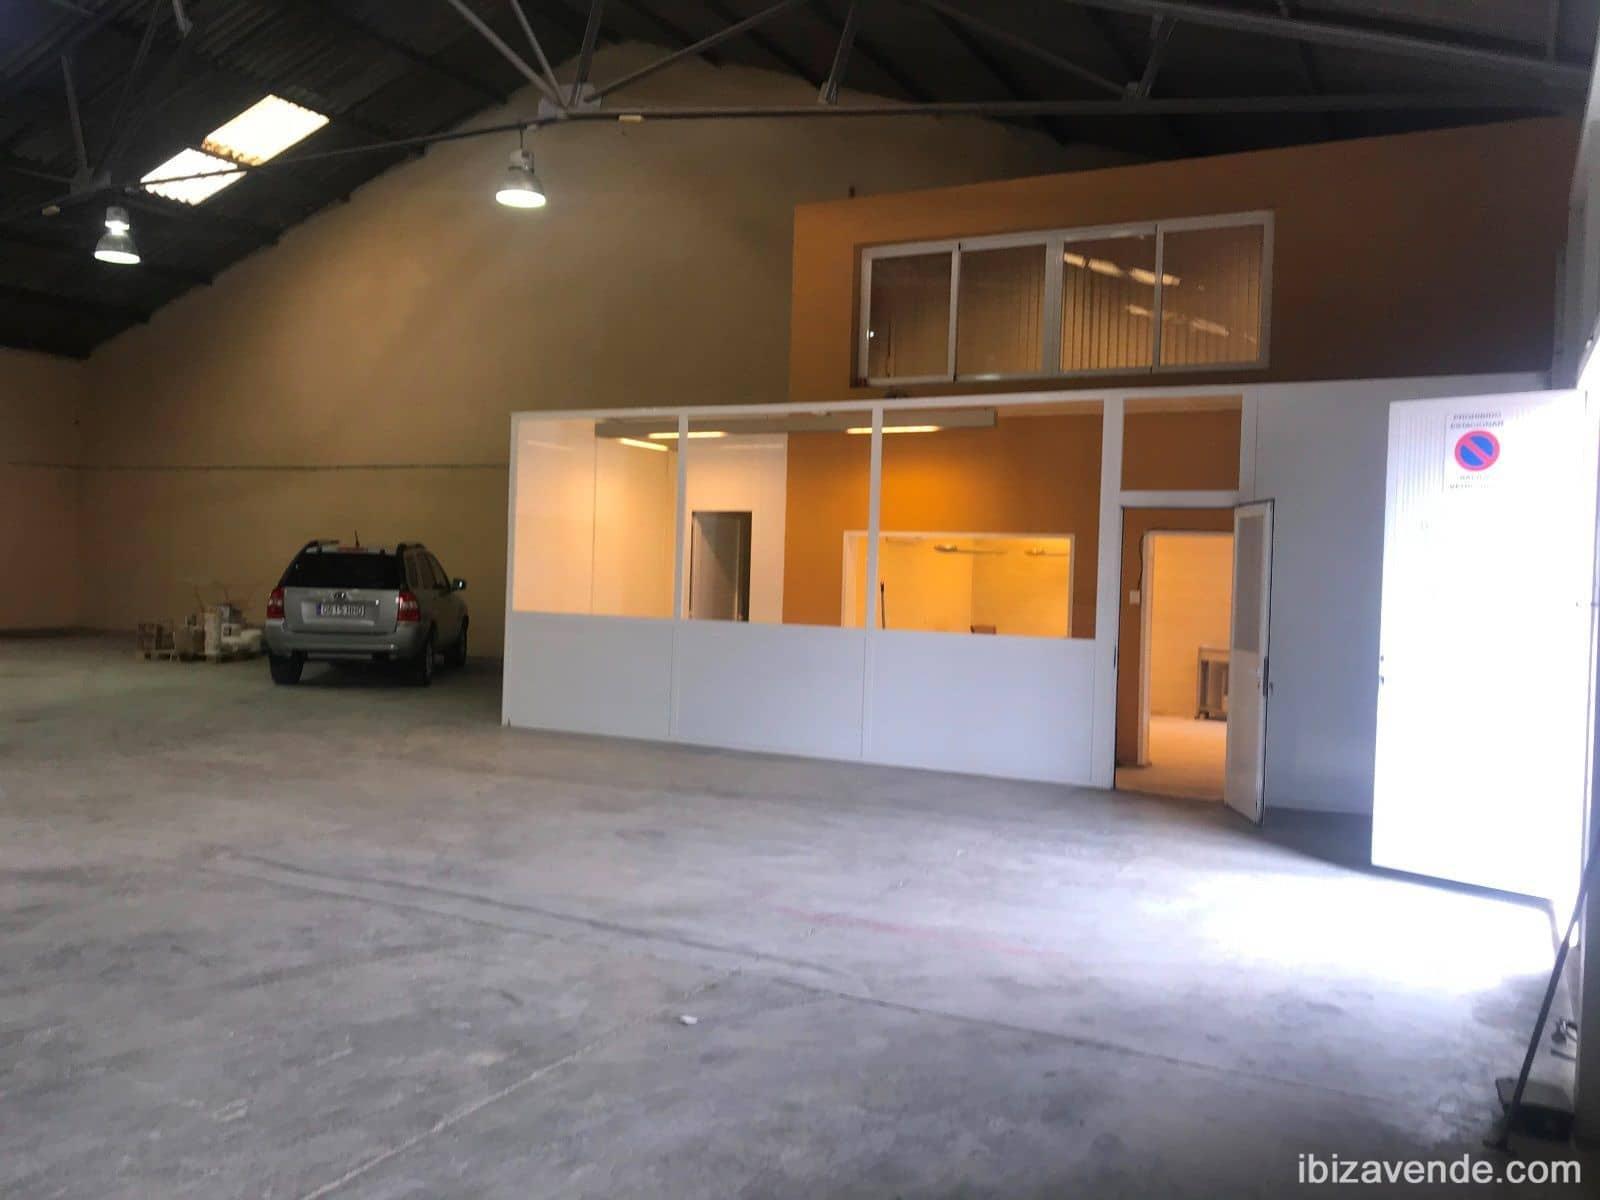 Comercial para arrendar em Ibiza / Eivissa cidade - 7 000 € (Ref: 5337929)